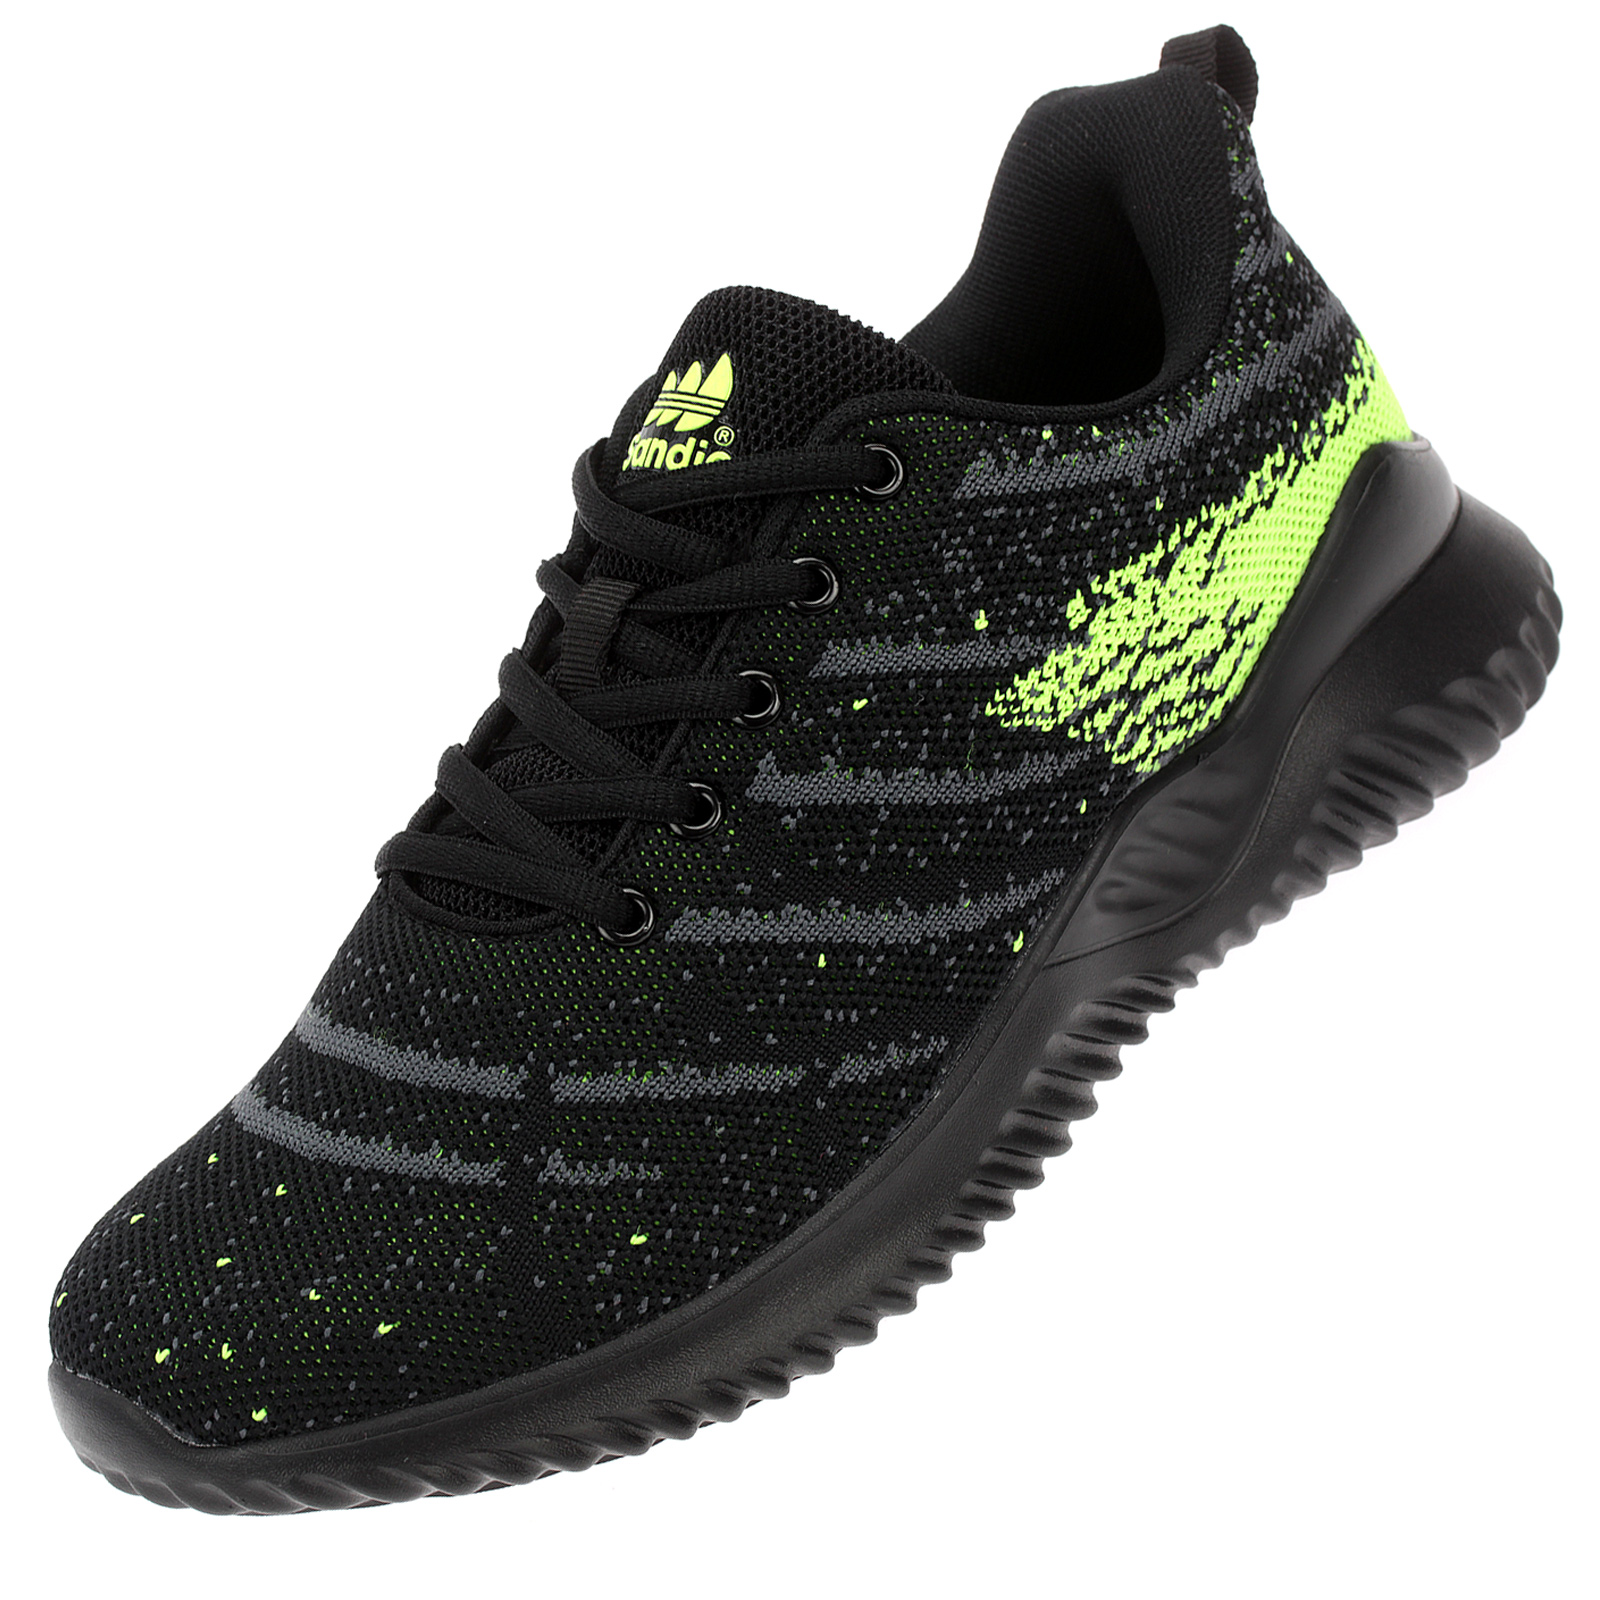 Herren Sportschuhe Freizeit Sneaker Laufschuhe Turnschuhe Runners Schuhe SD2829